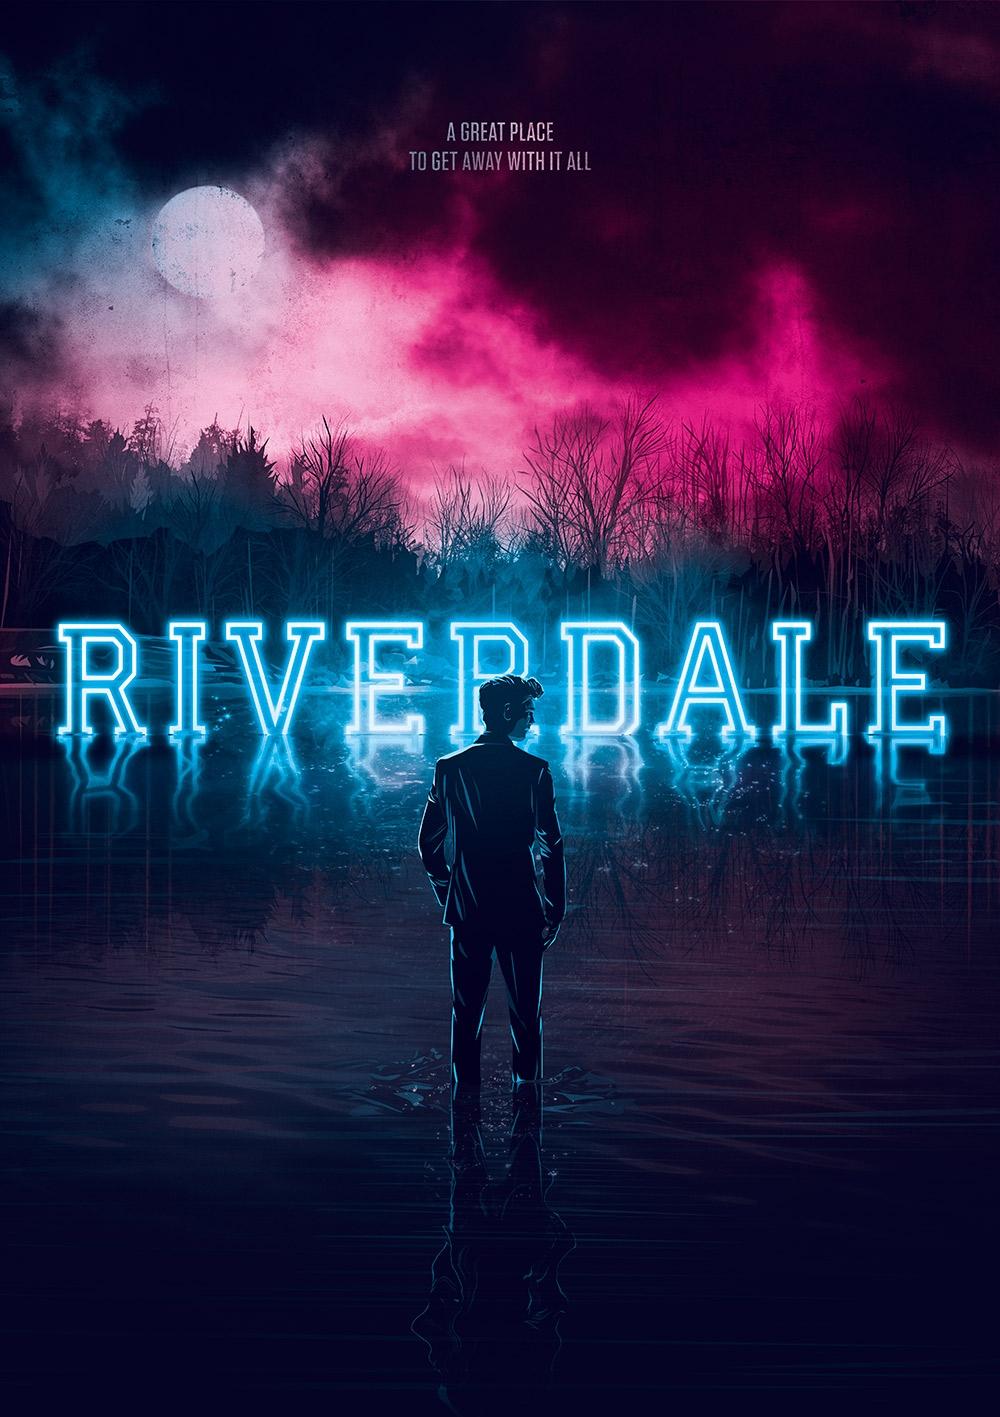 Resultado de imagen de riverdale poster